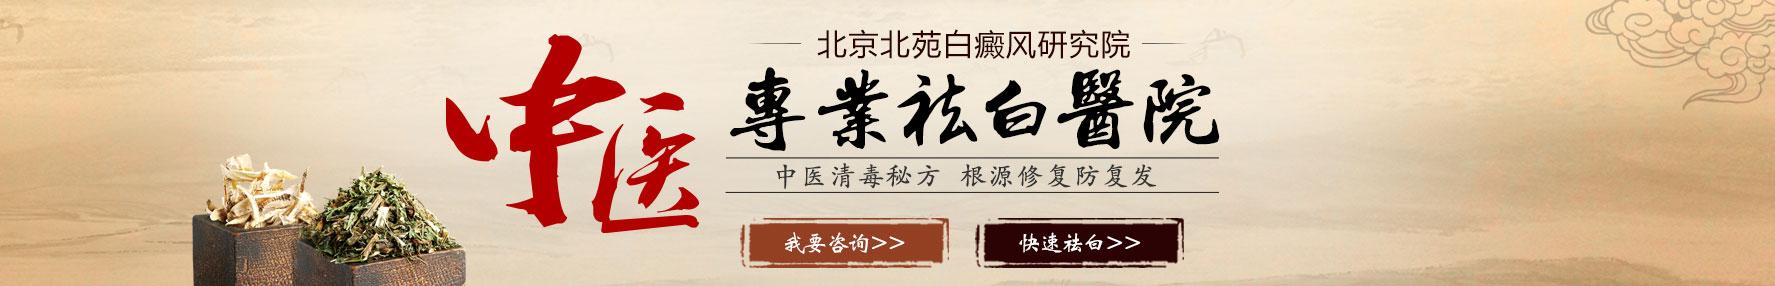 北京中研北苑白癜风医院